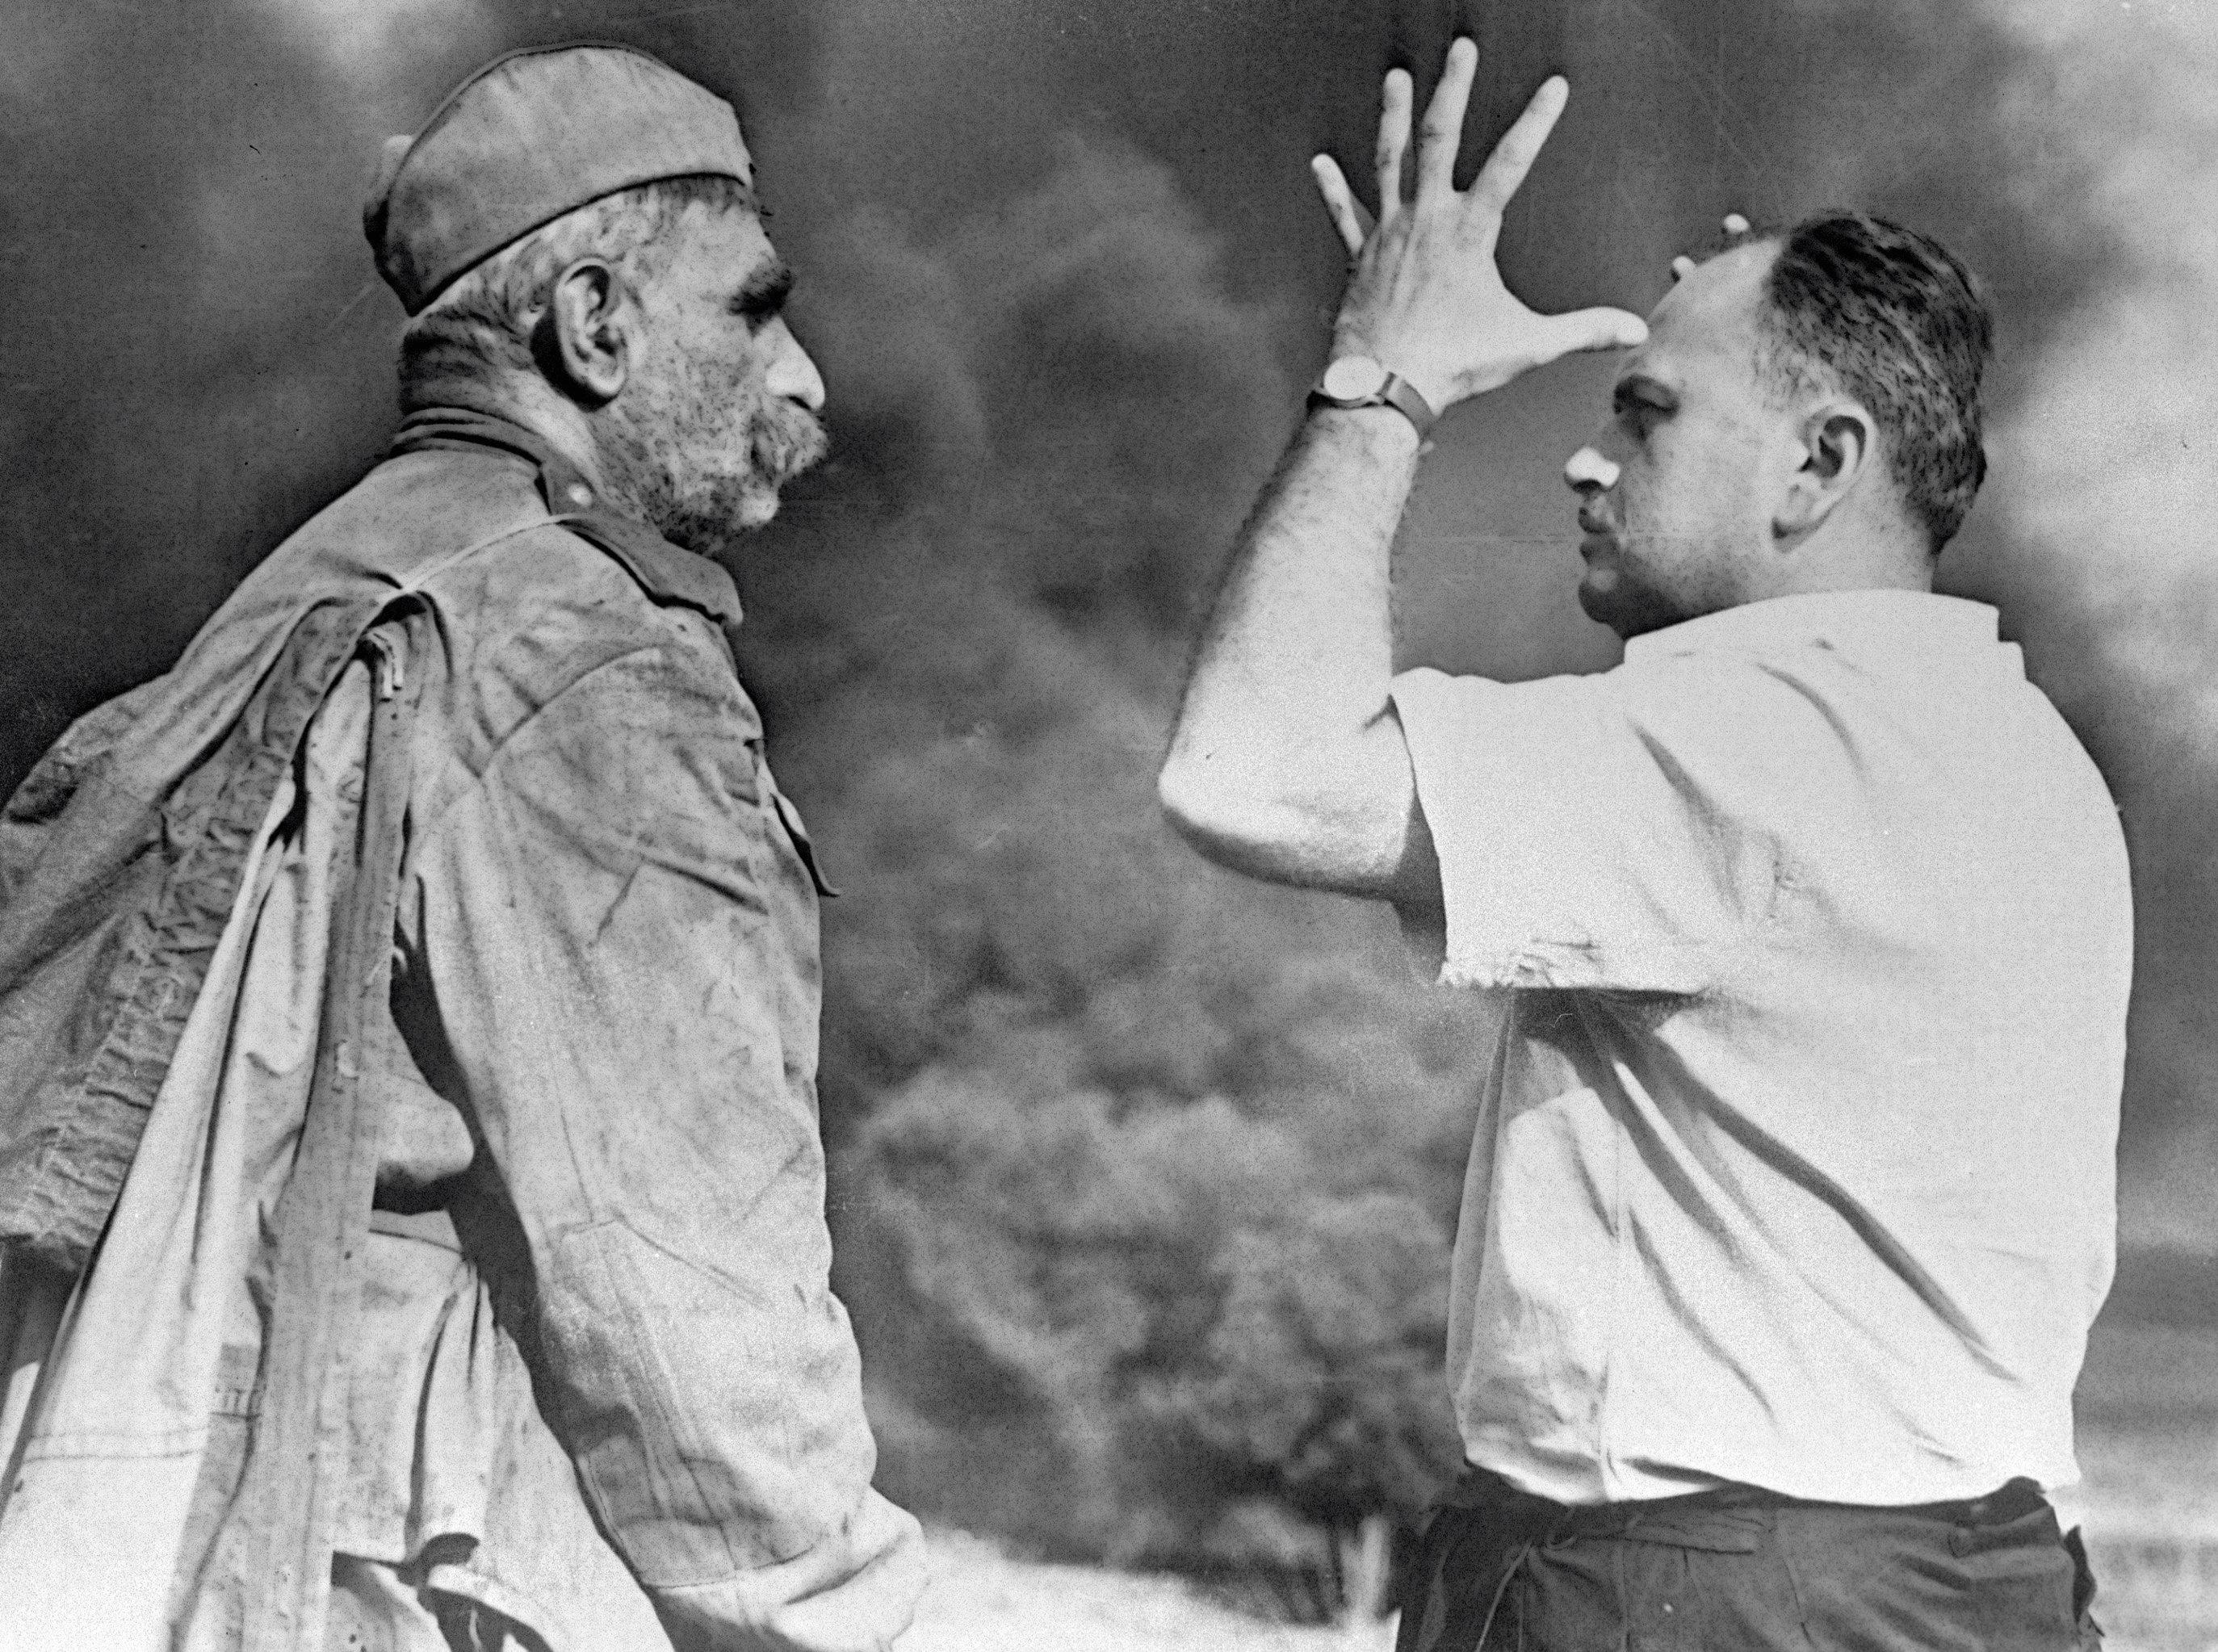 Артист Серго Закариадзе (слева) и режиссер-постановщик Резо Чхеидзе (справа) во время съемок фильма Отец солдата.